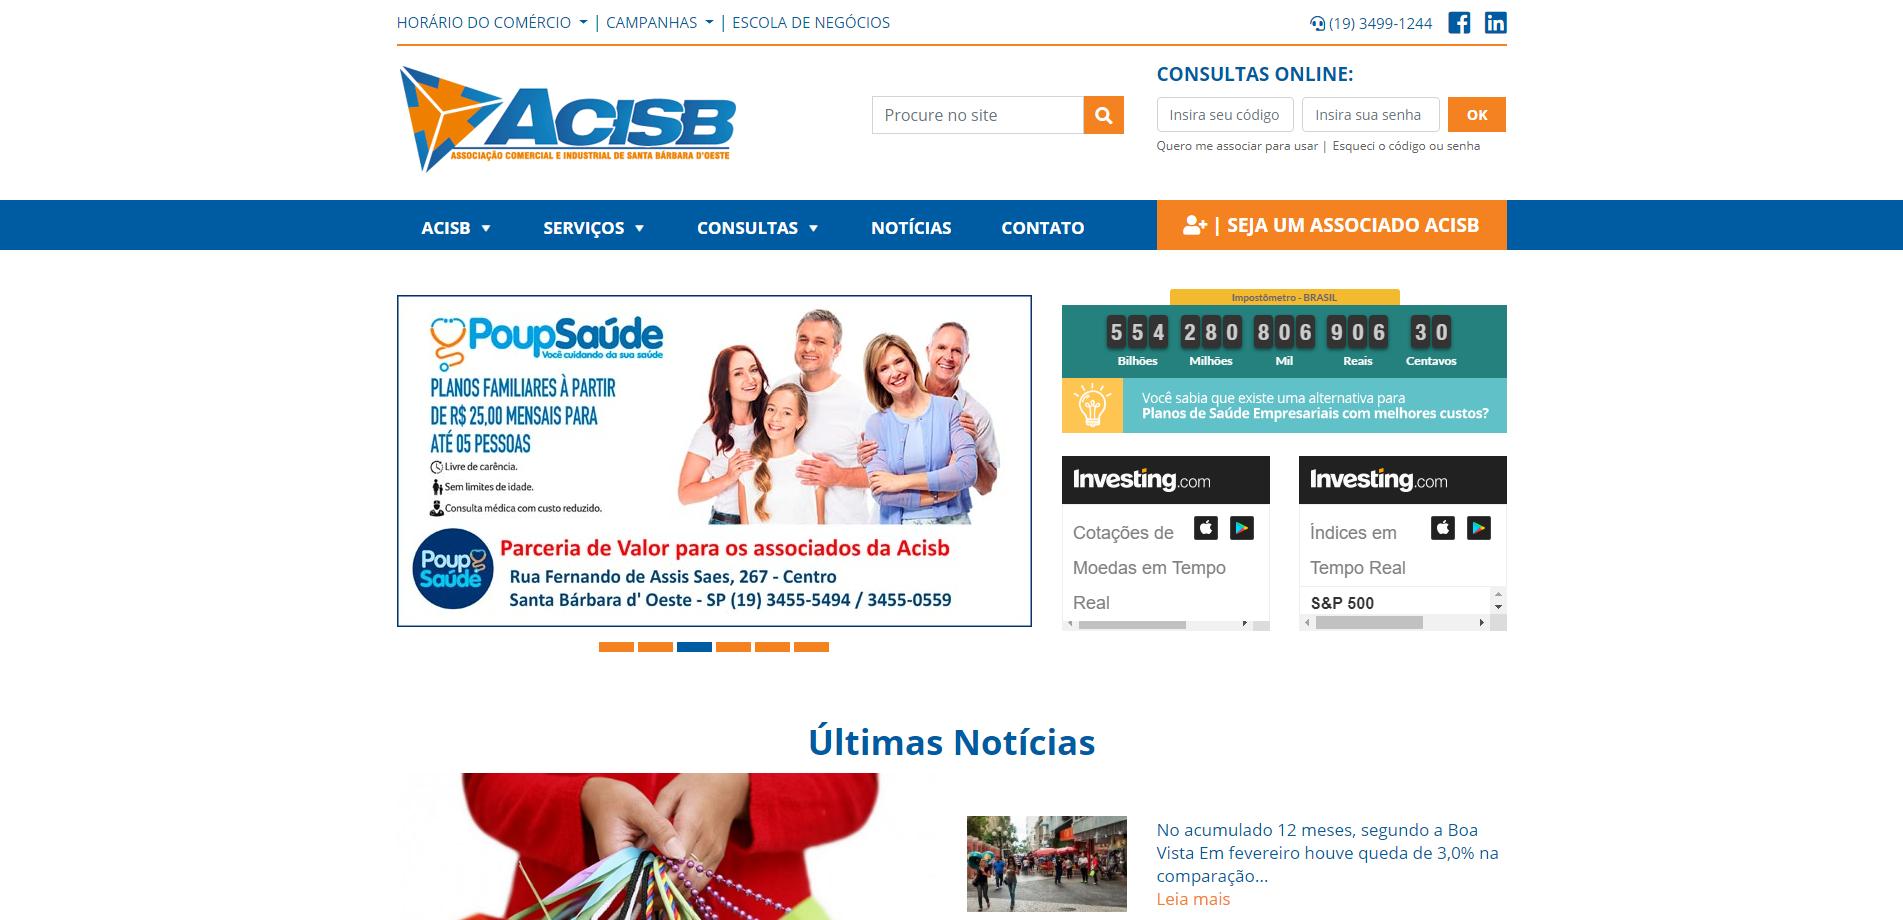 ACISB – Associação Comercial de Santa Bárbara d' Oeste